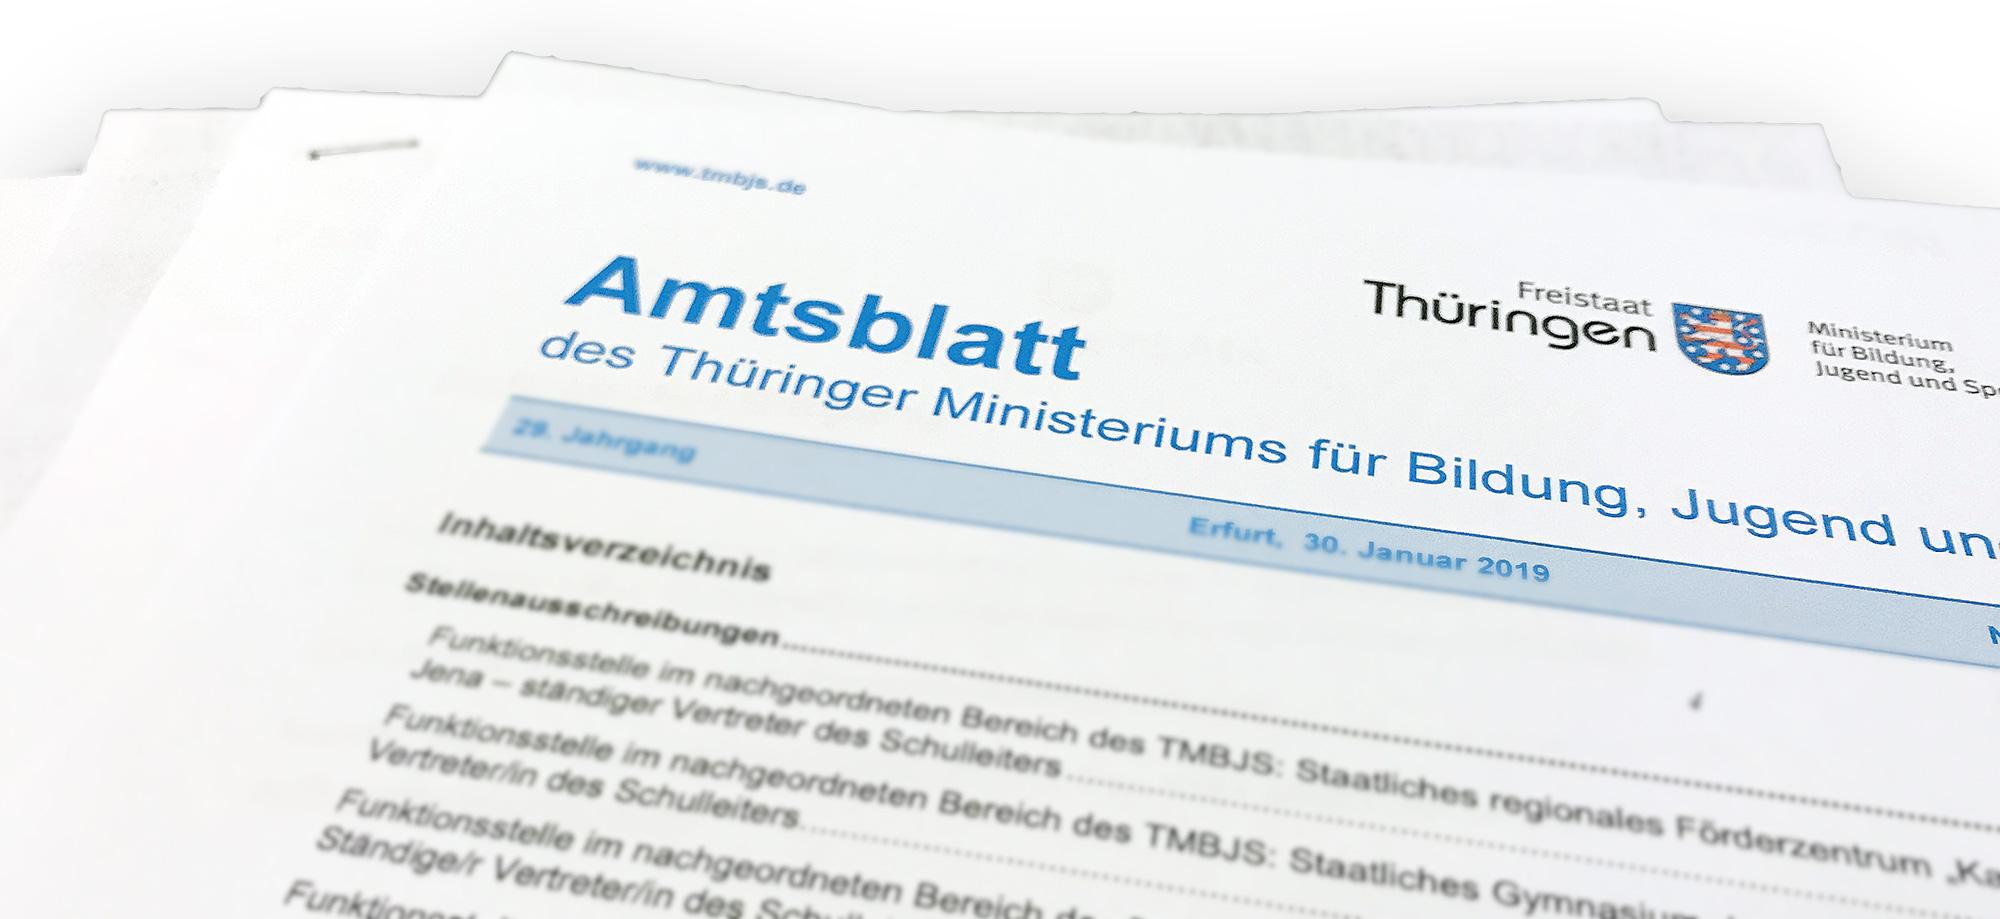 Foto vom Amtsblatt